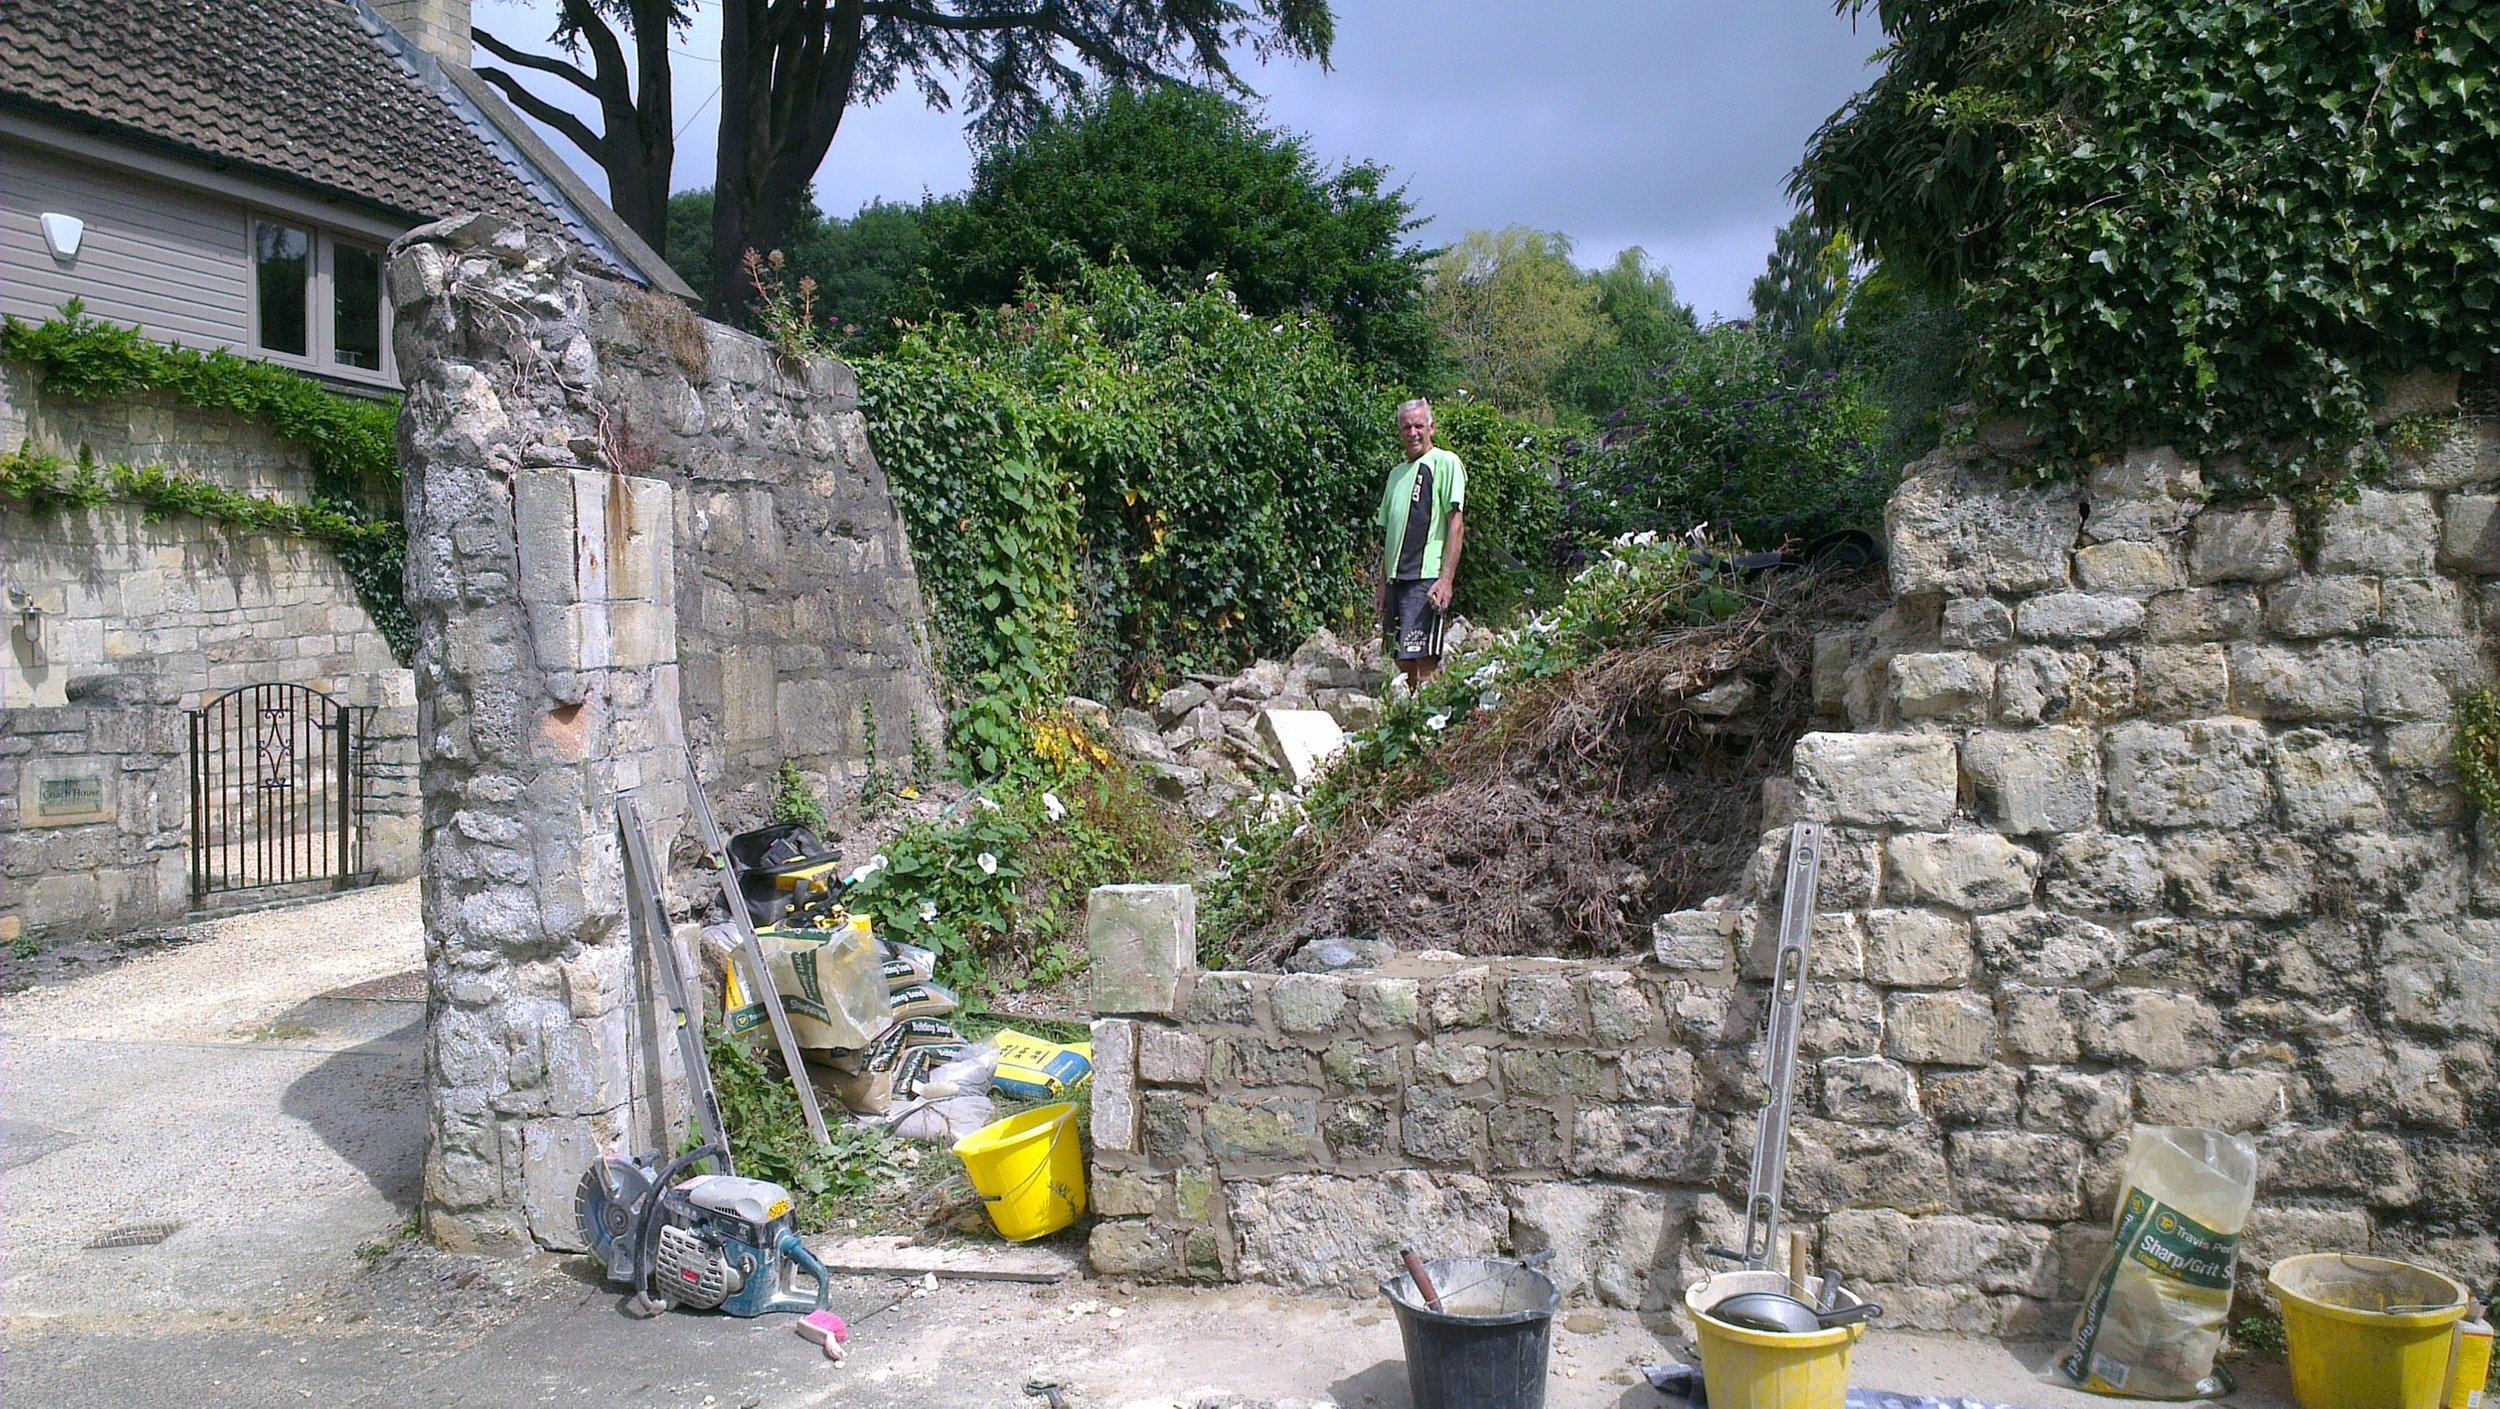 Mending Beckford's Wall, 10.7.17